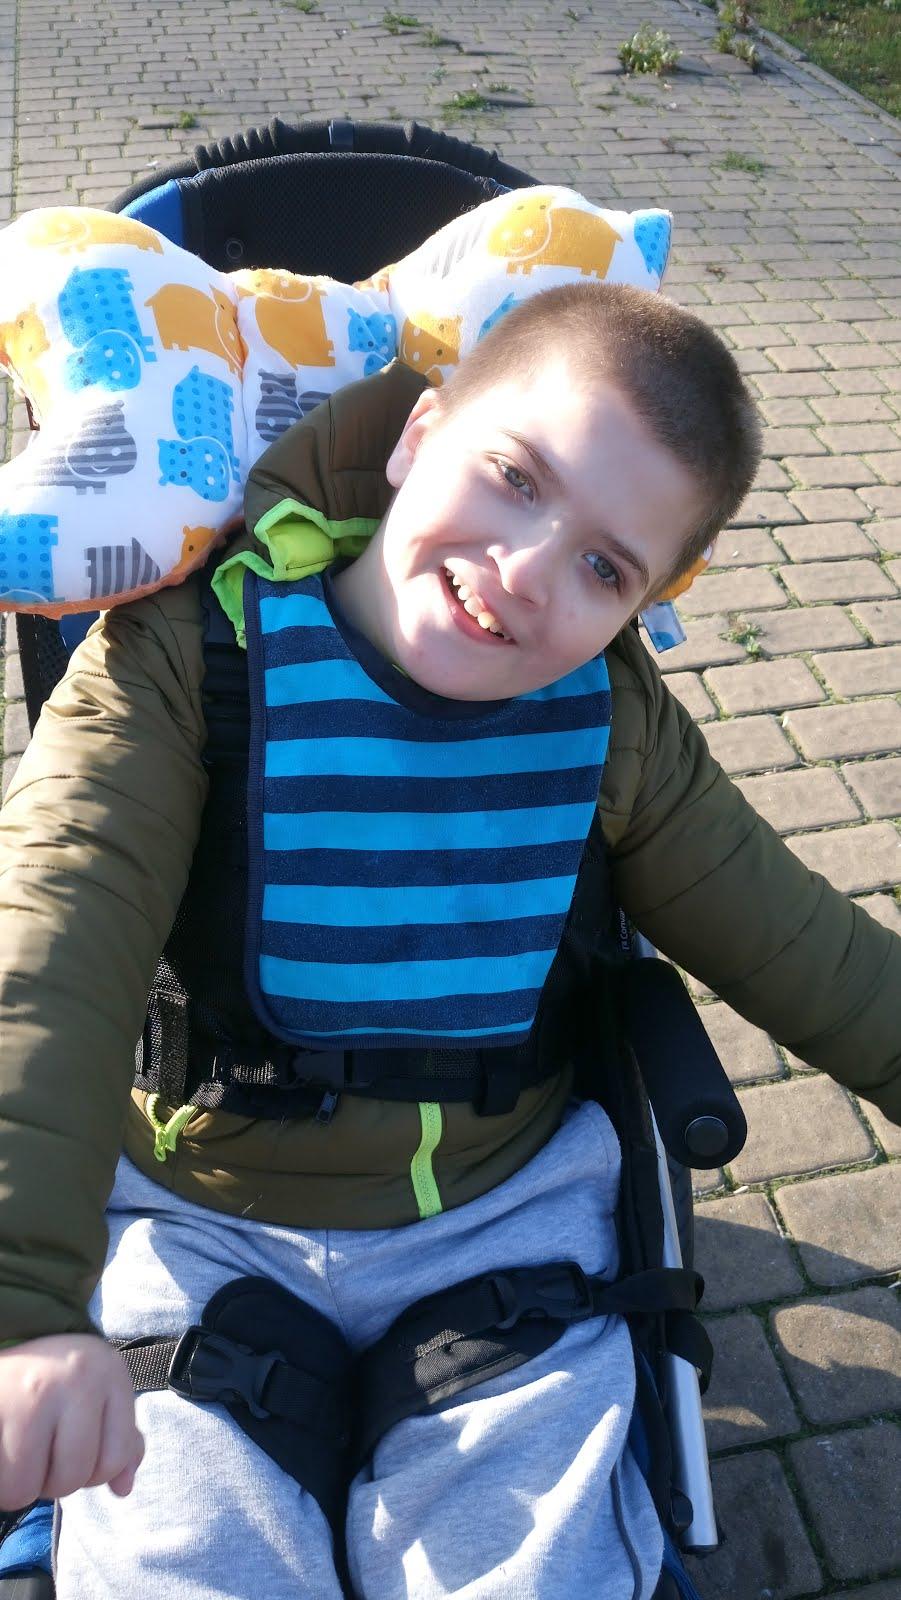 Że Tomek Długosz nazywa się tak jak mój syn, to zbieg okoliczności. Pomóżmy mamie, by godnie żył!!